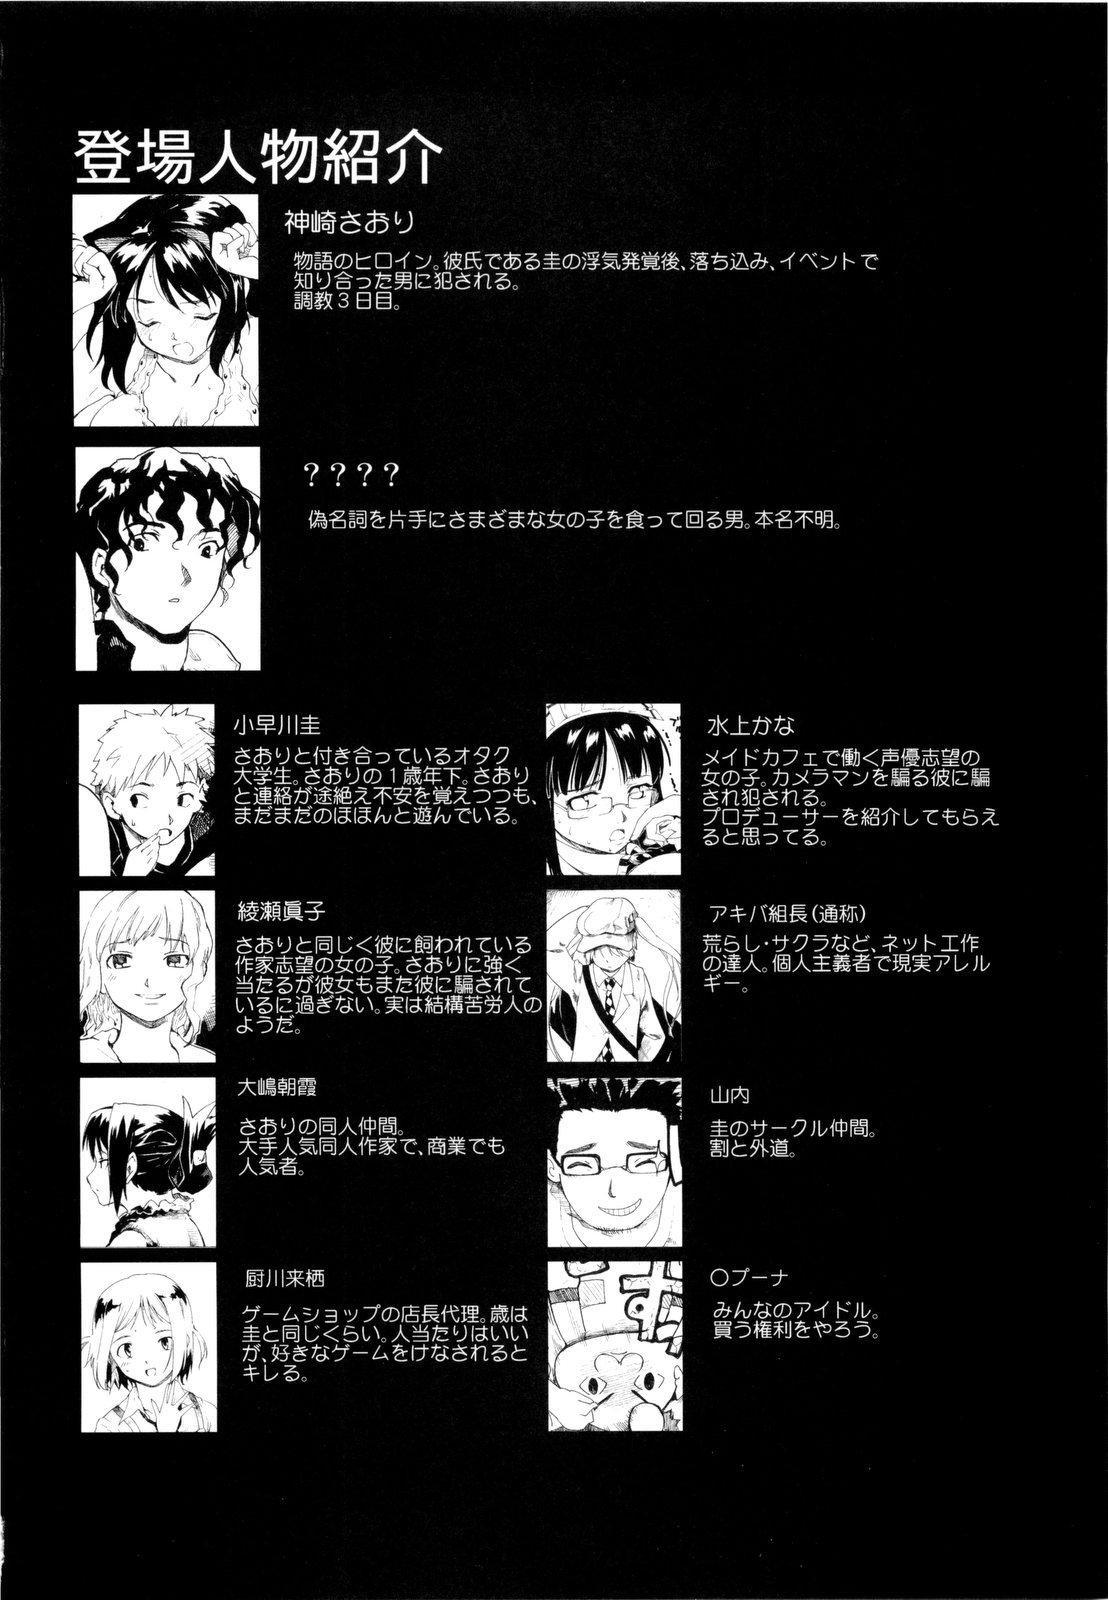 (ComiComi13) [Paranoia Cat (Fujiwara Shunichi)] Akogare no Hito -Himitsu no Isshuukan- #3 49